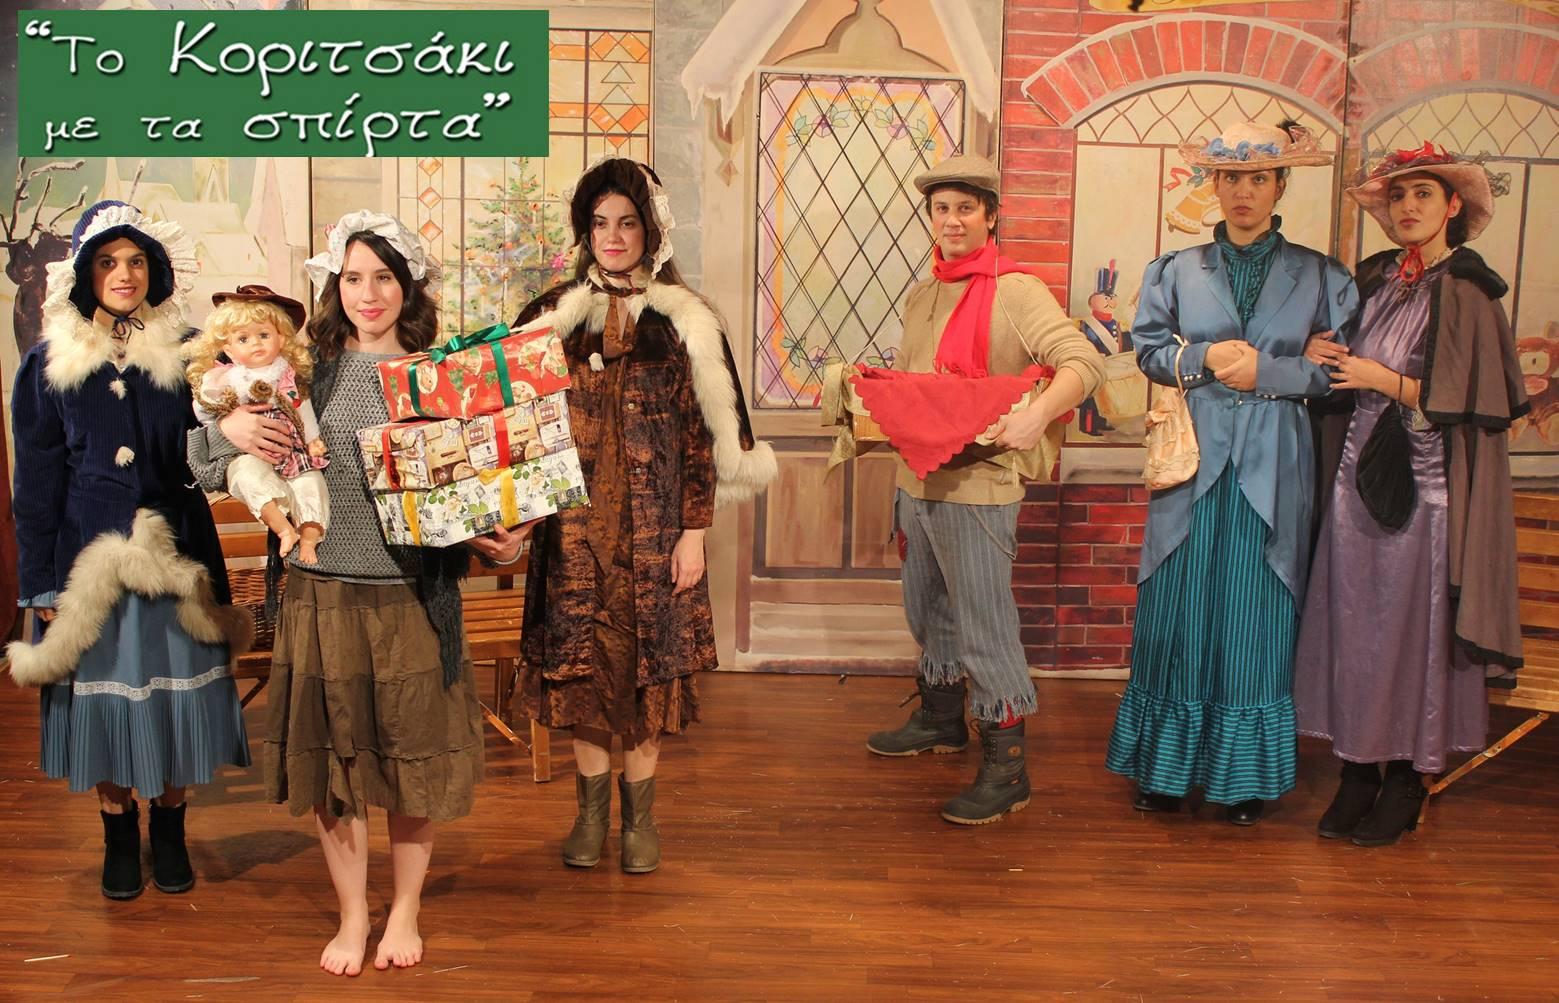 5€ από 10€ για είσοδο στη βραβευμένη παιδική παράσταση ''Το Κοριτσάκι με τα Σπίρτα'', του Χανς Κρίστιαν Άντερσεν, για 6η χρονιά, στο Θέατρο ''Θυμέλη - Έλλης Βοζικιάδου''